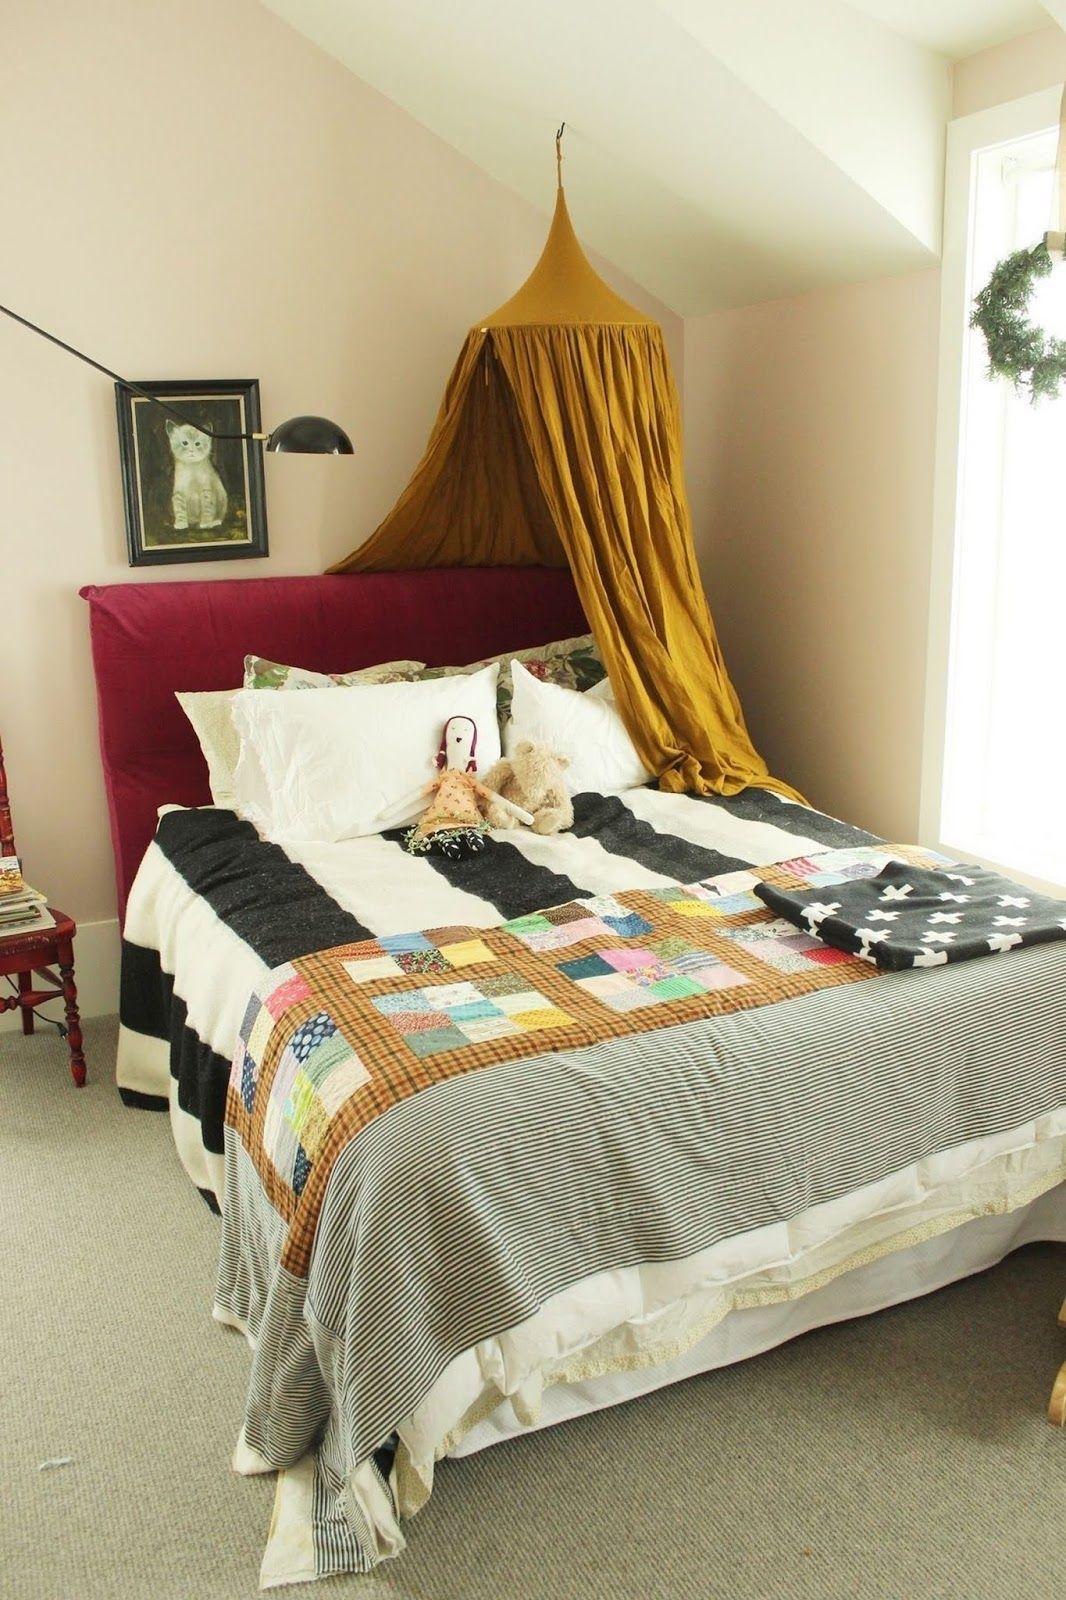 32 Awesome Bedroom Design Inspiration Bedroom Design Bedroom Design Inspiration Bedroom Design Kids Bedroom Sets